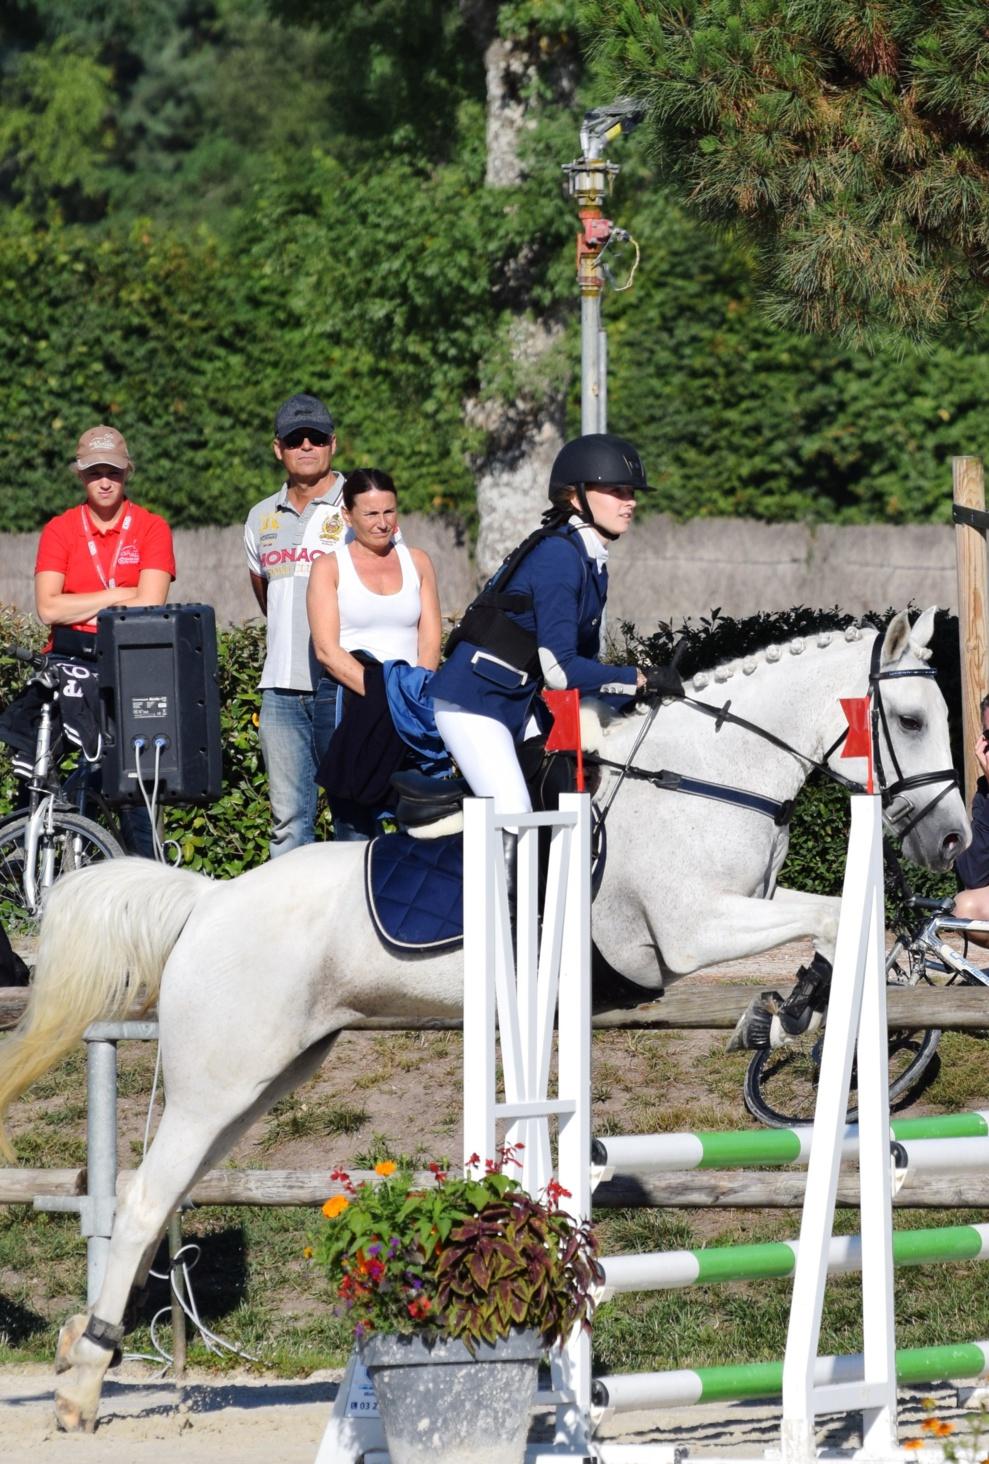 Louise C. & Perle des Gazagnes Championnats de France poney CSO 2017 Lamotte Beuvron